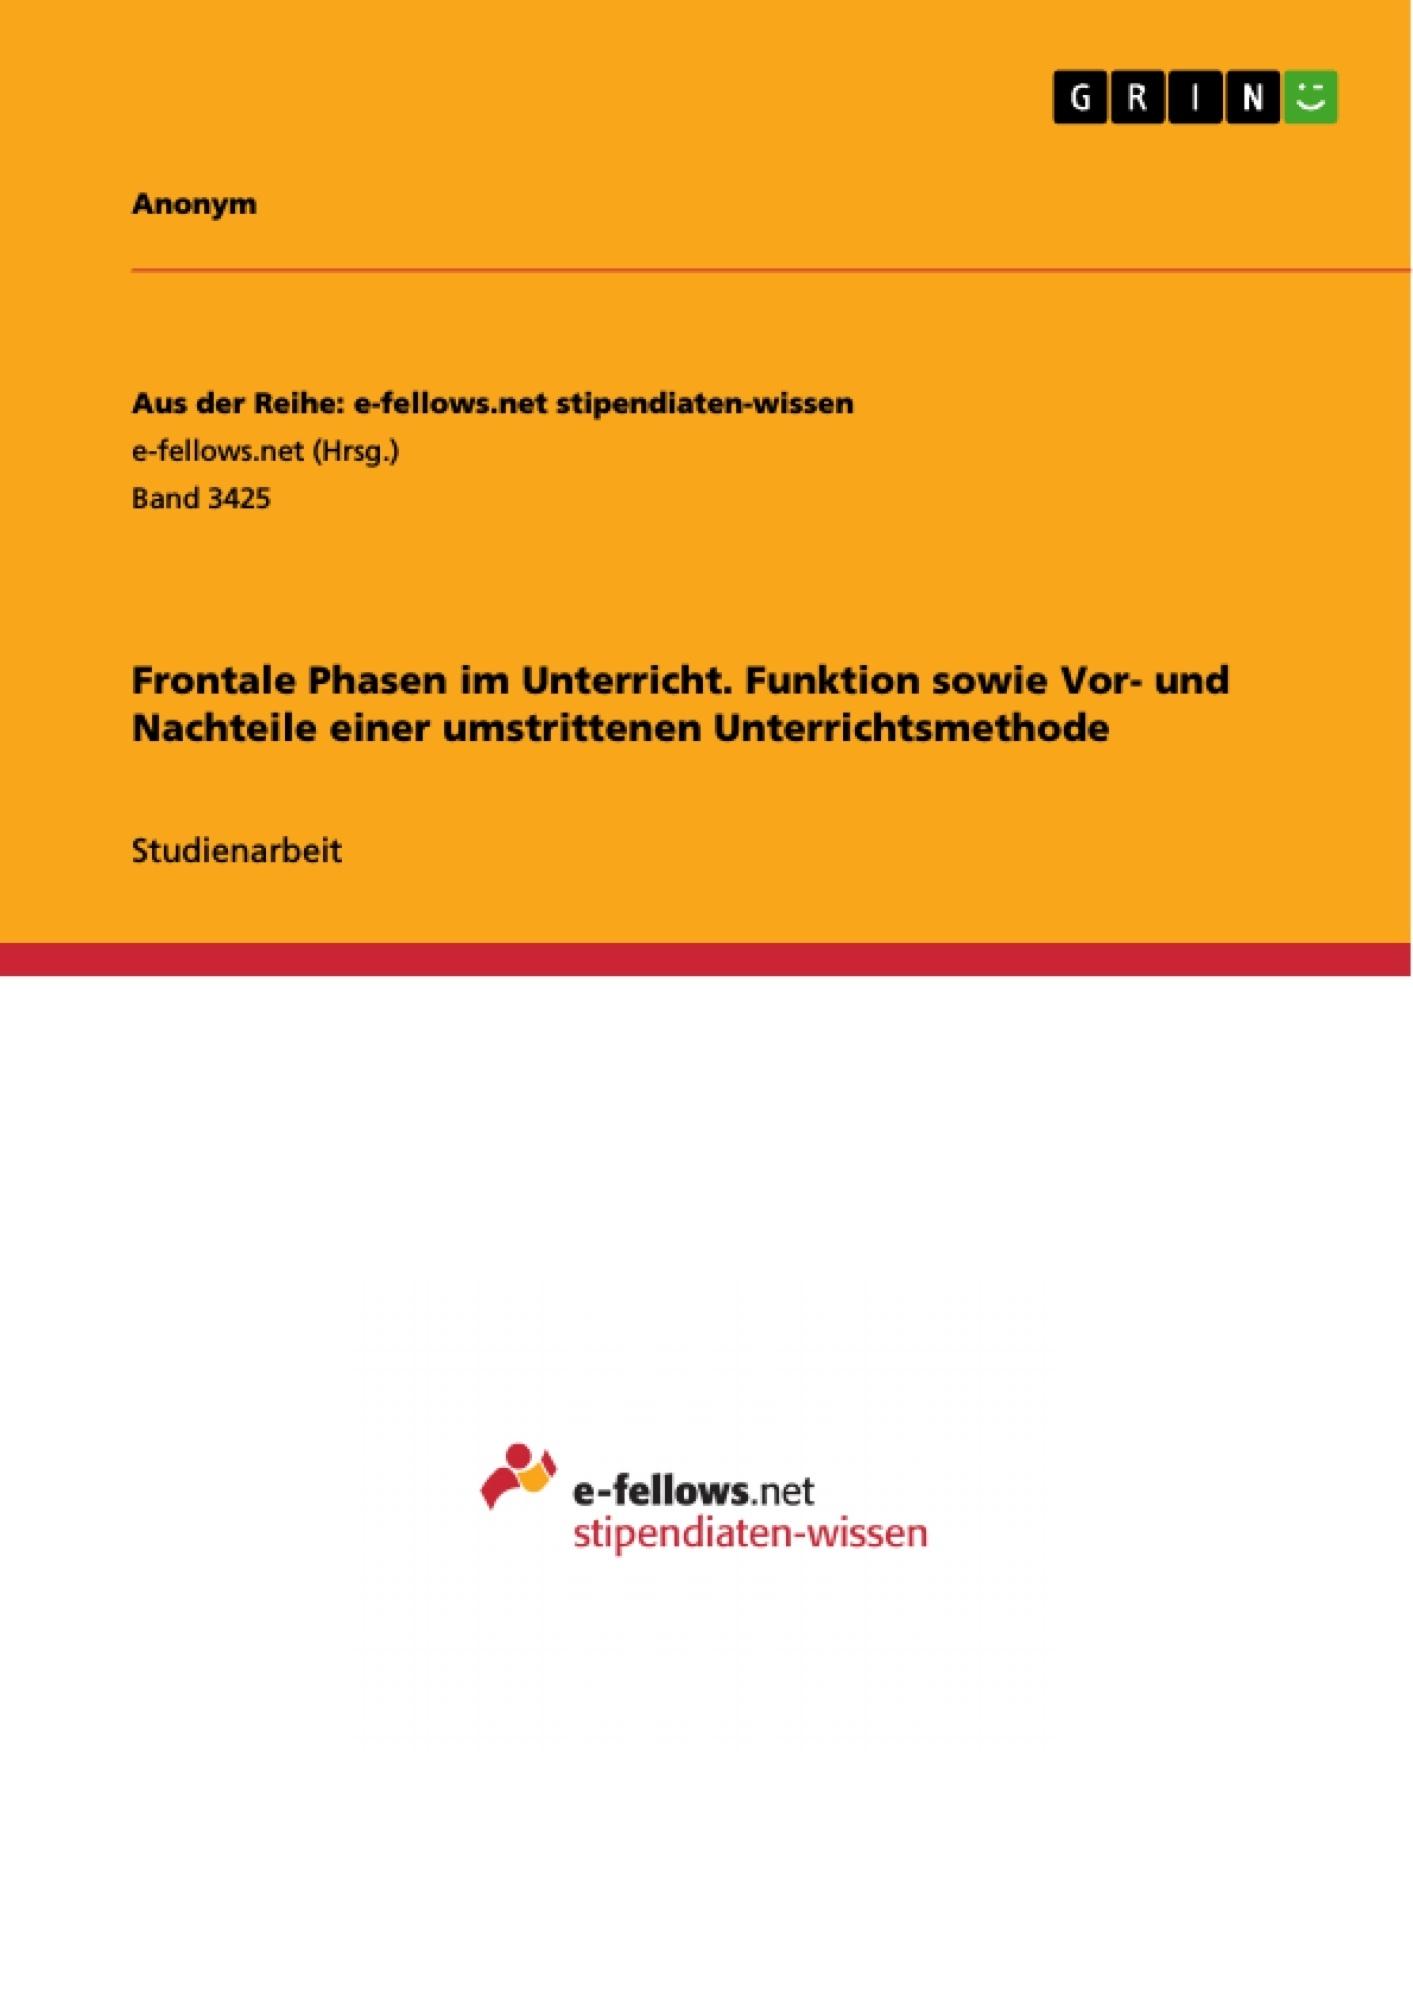 Titel: Frontale Phasen im Unterricht. Funktion sowie Vor- und Nachteile einer umstrittenen Unterrichtsmethode